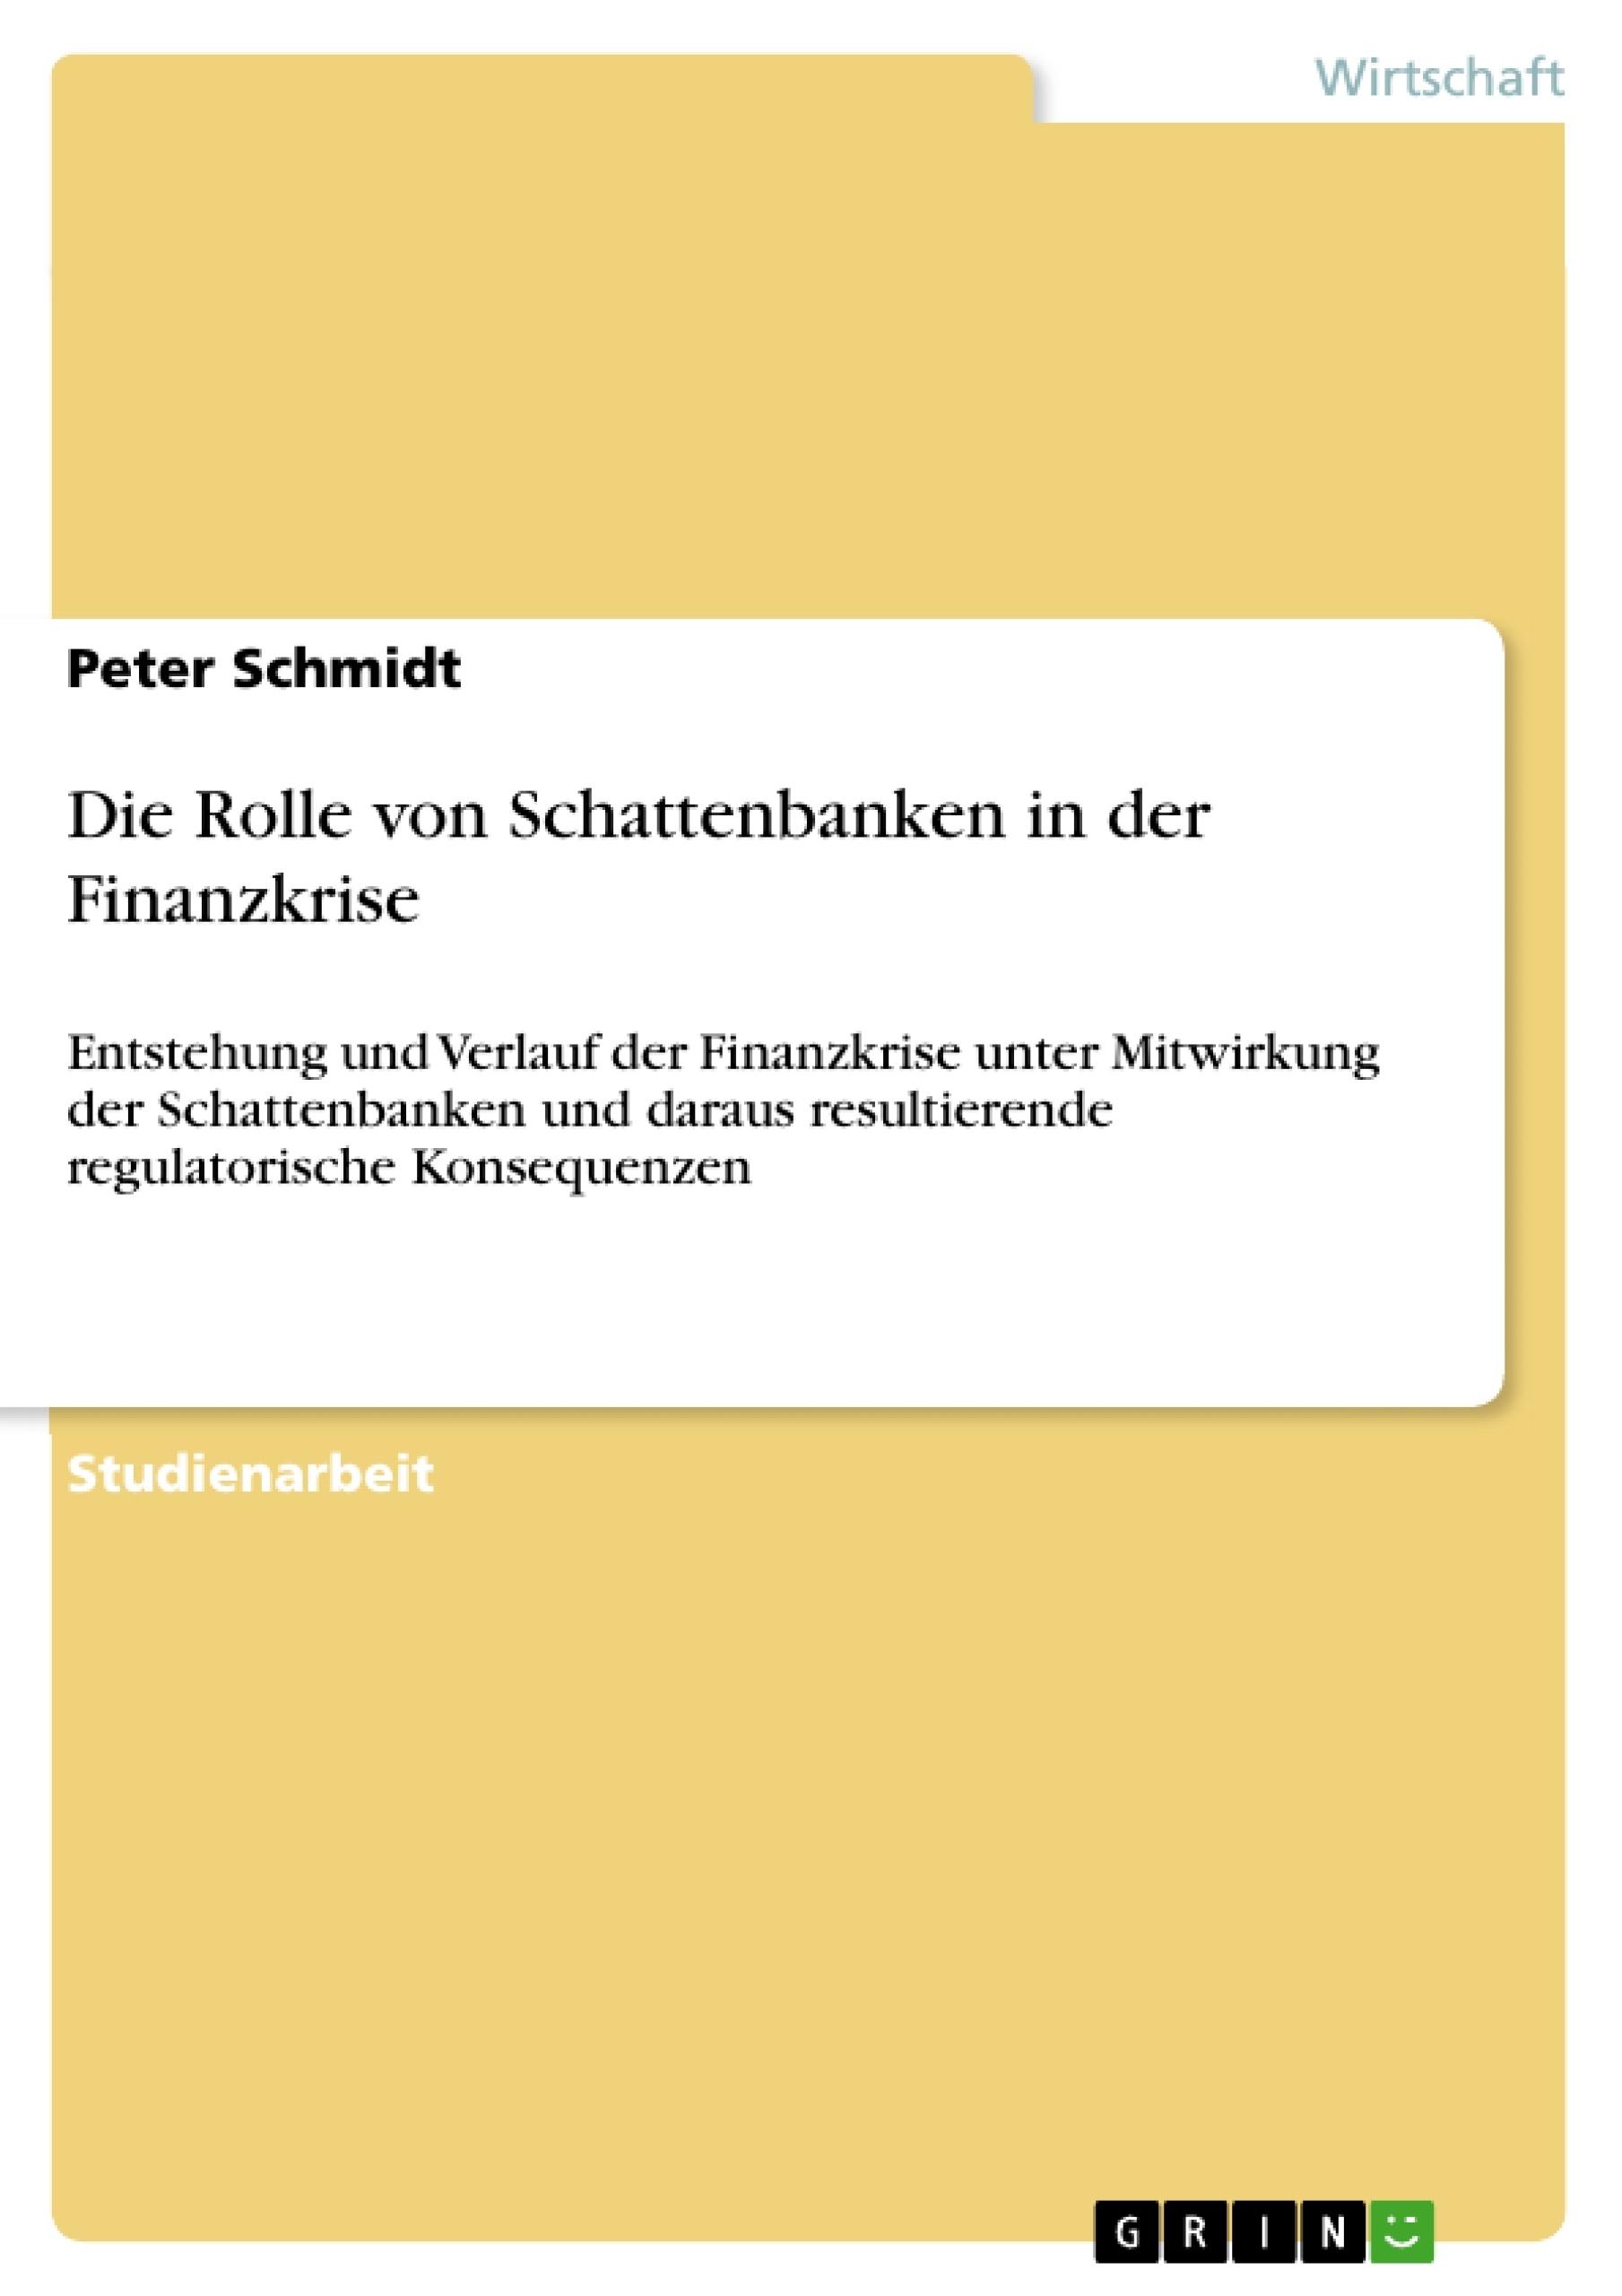 Titel: Die Rolle von Schattenbanken in der Finanzkrise